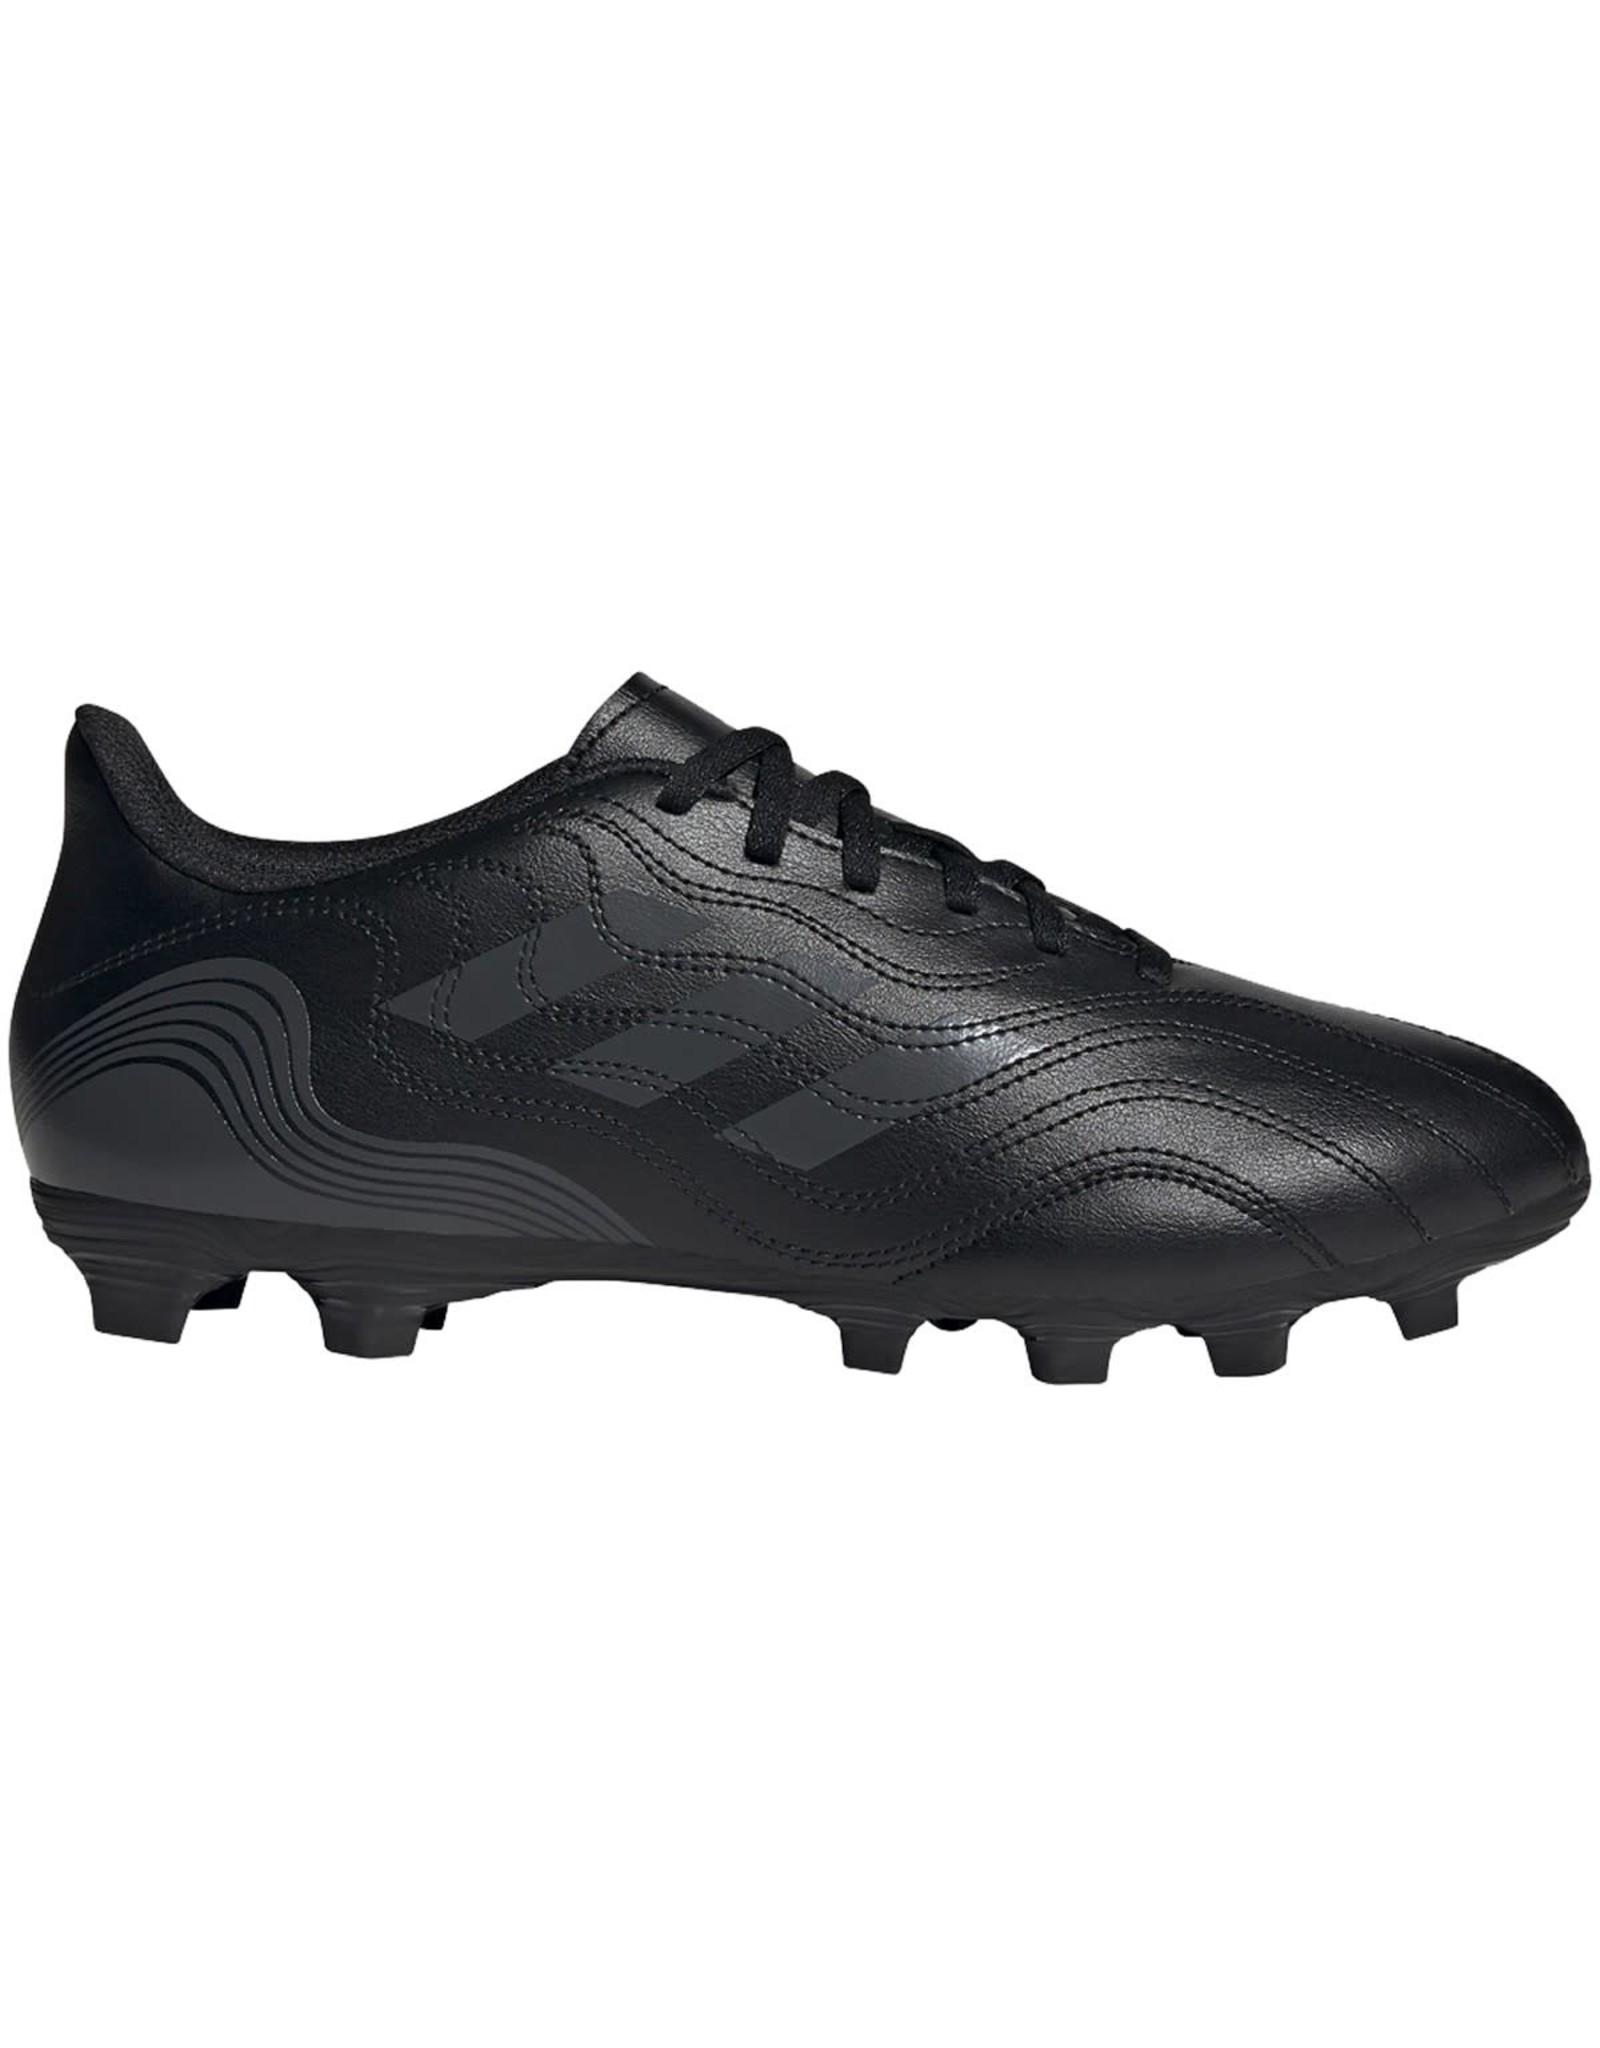 Adidas ADI COPA SENSE.4 FG (CBLACK/GRESIX/GRESIX)